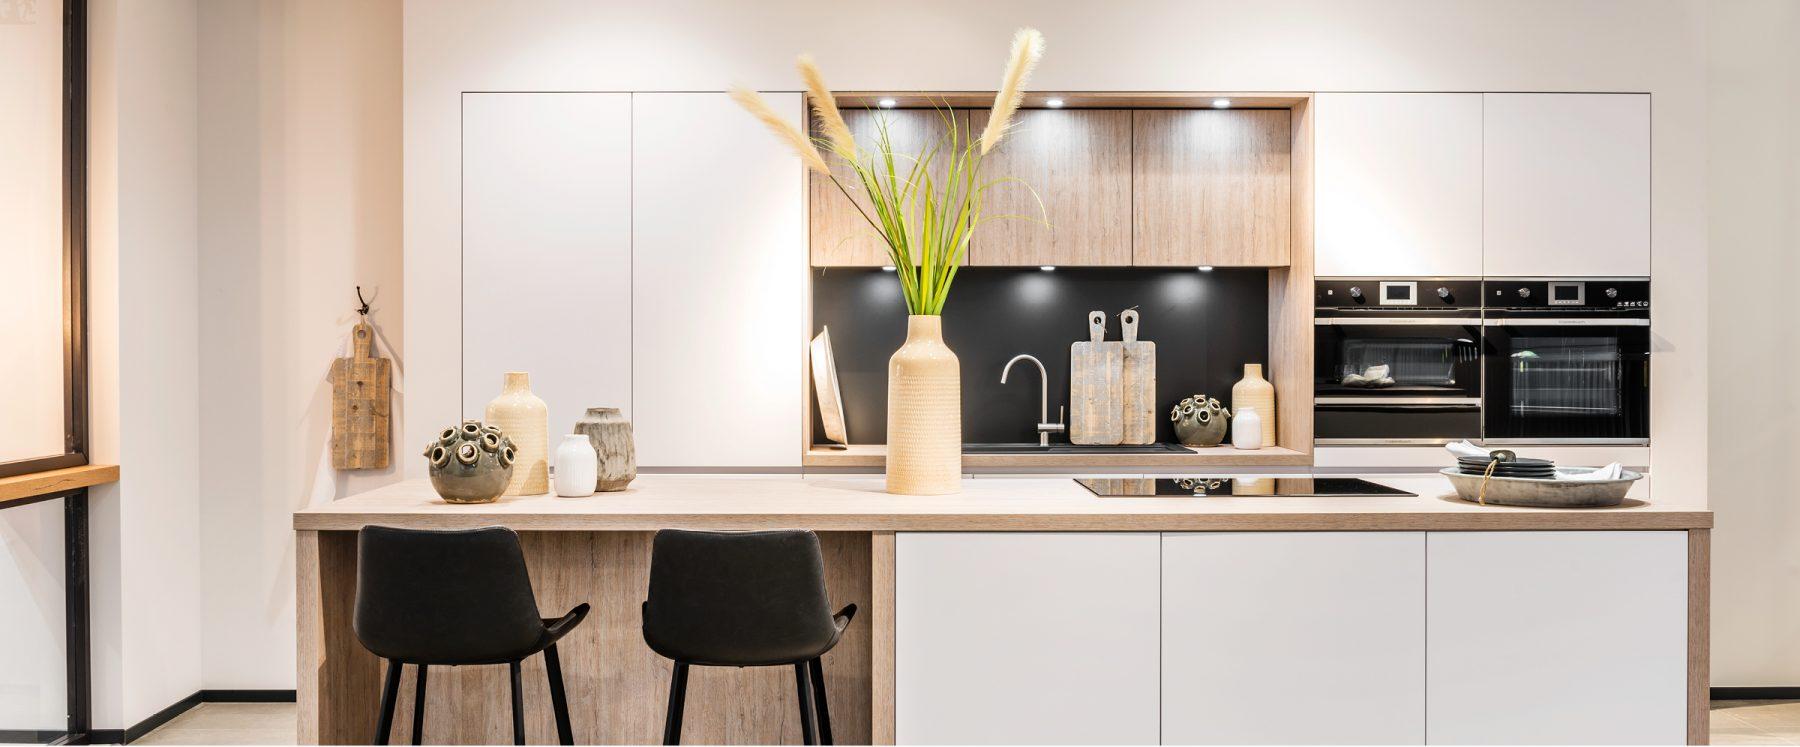 witte keuken met houten kastfronten